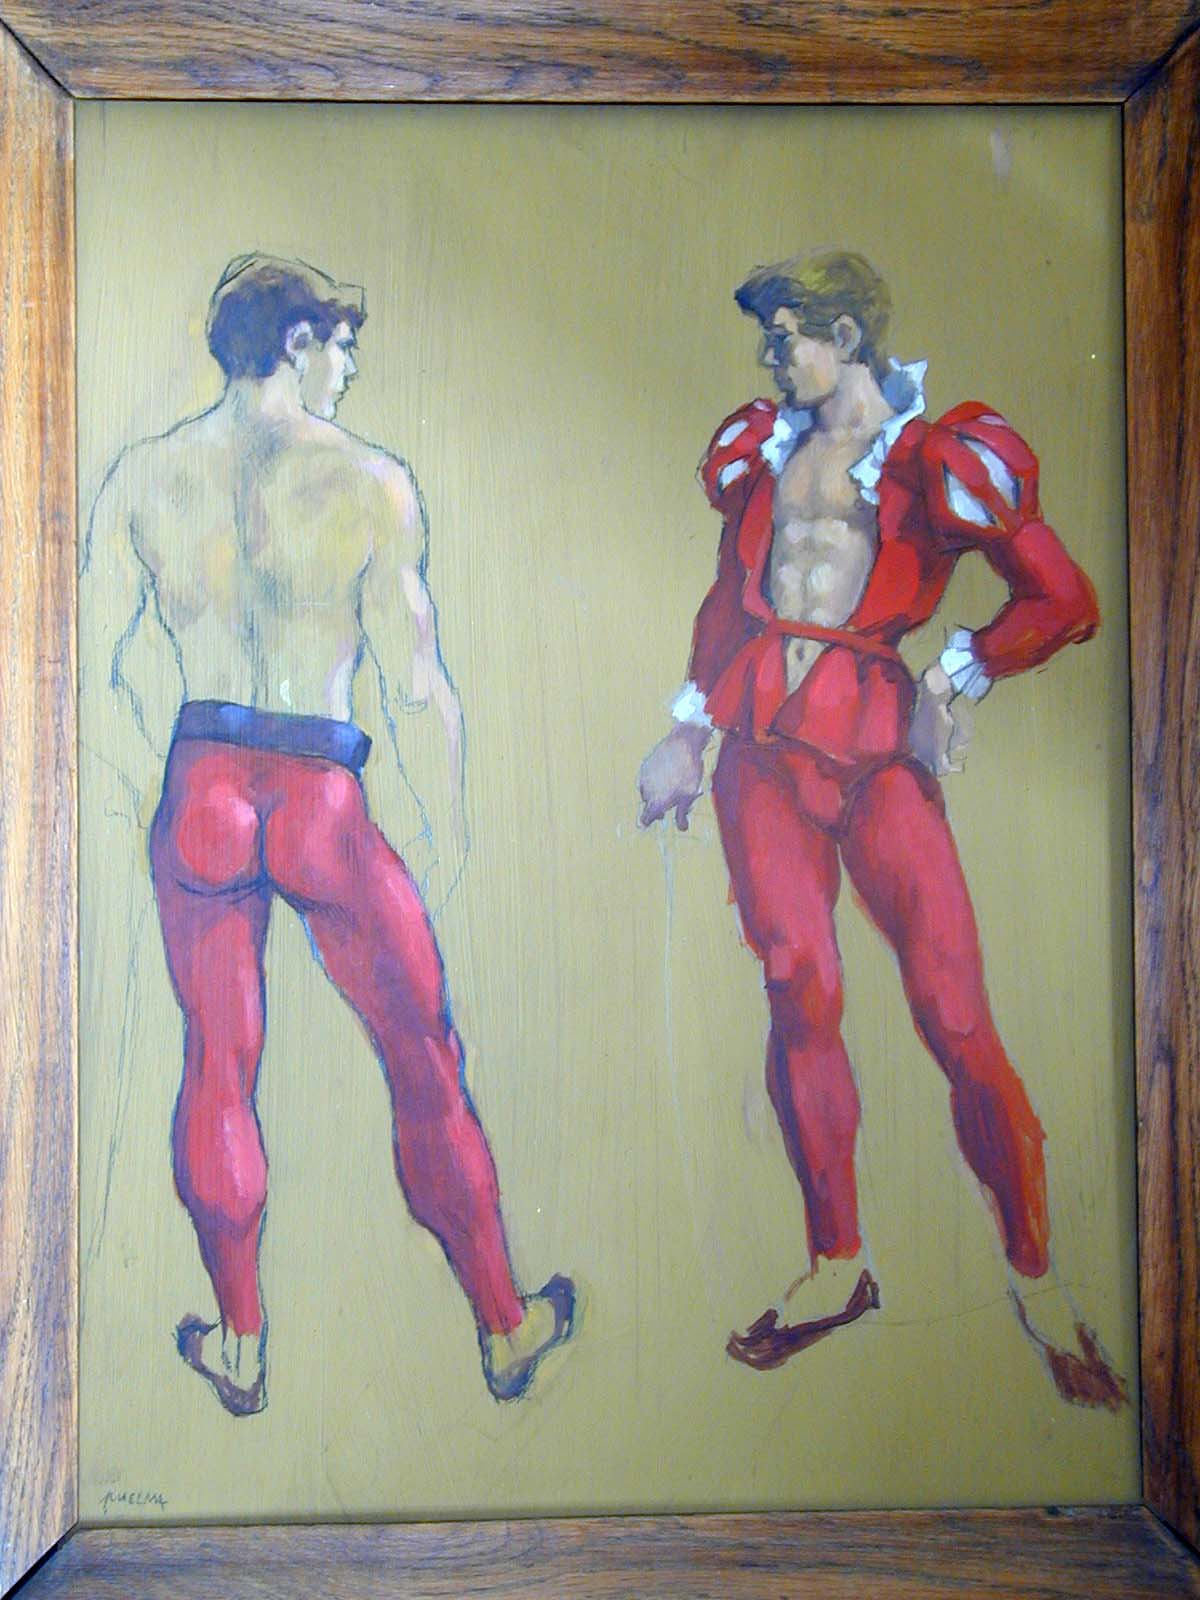 """Enrico Puelma (""""Rico""""): """"Drei Männer in historischen Kostümen"""" (Three men in historical clothes). Call number: Sozarch_F_5005-Zx-014"""